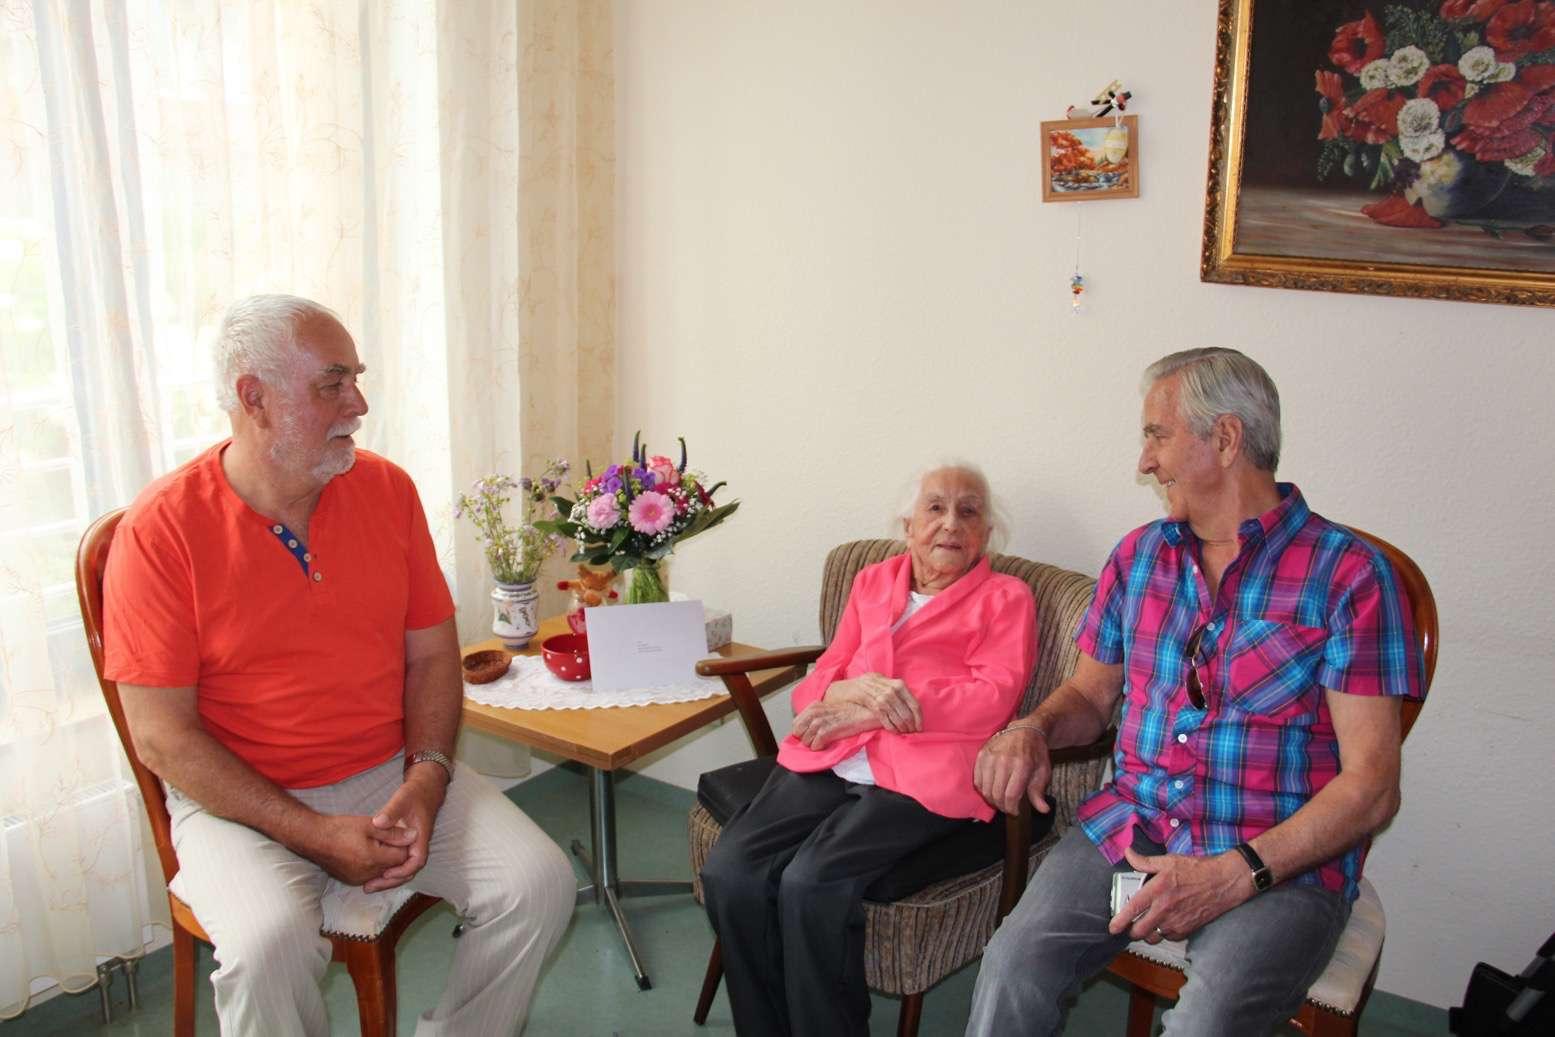 Bernau: Gratulation und alles Gute zum 100. Geburtstag